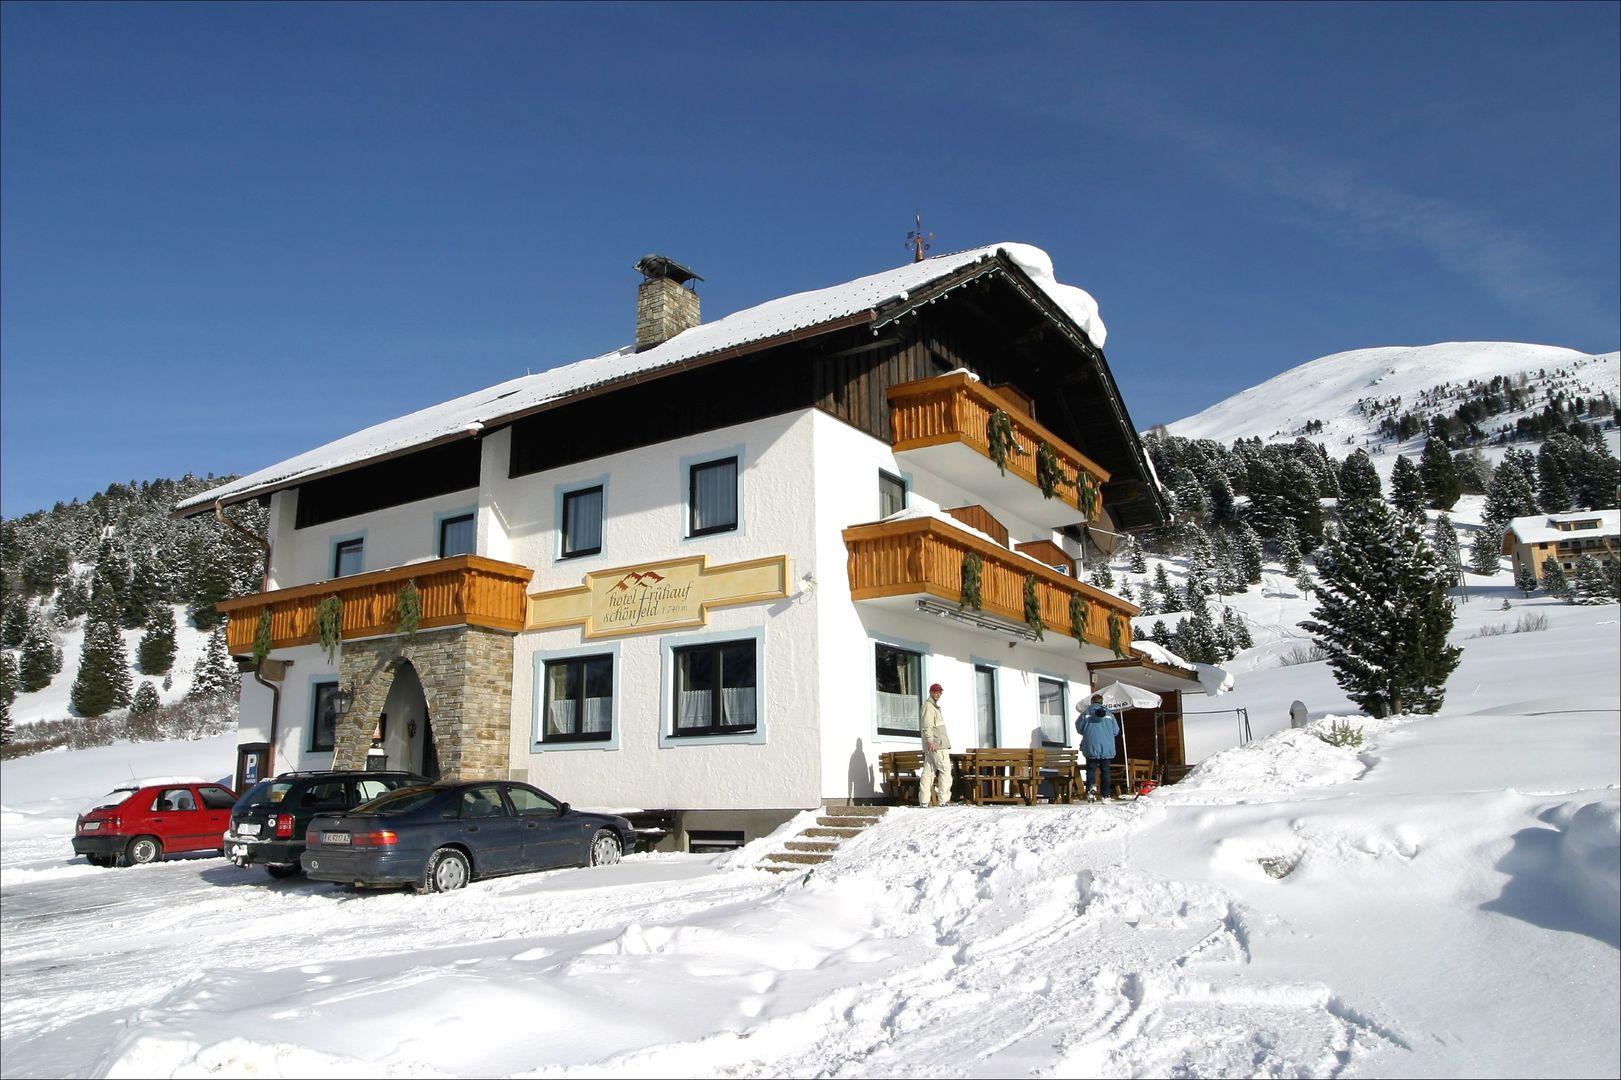 Appartement de vacances 4-Pers.-Appartement (Königstuhl, ca. 35 m²), OV, Ferienwohnungen Almsonne (2470614), Karneralm, Lungau, Salzbourg, Autriche, image 1